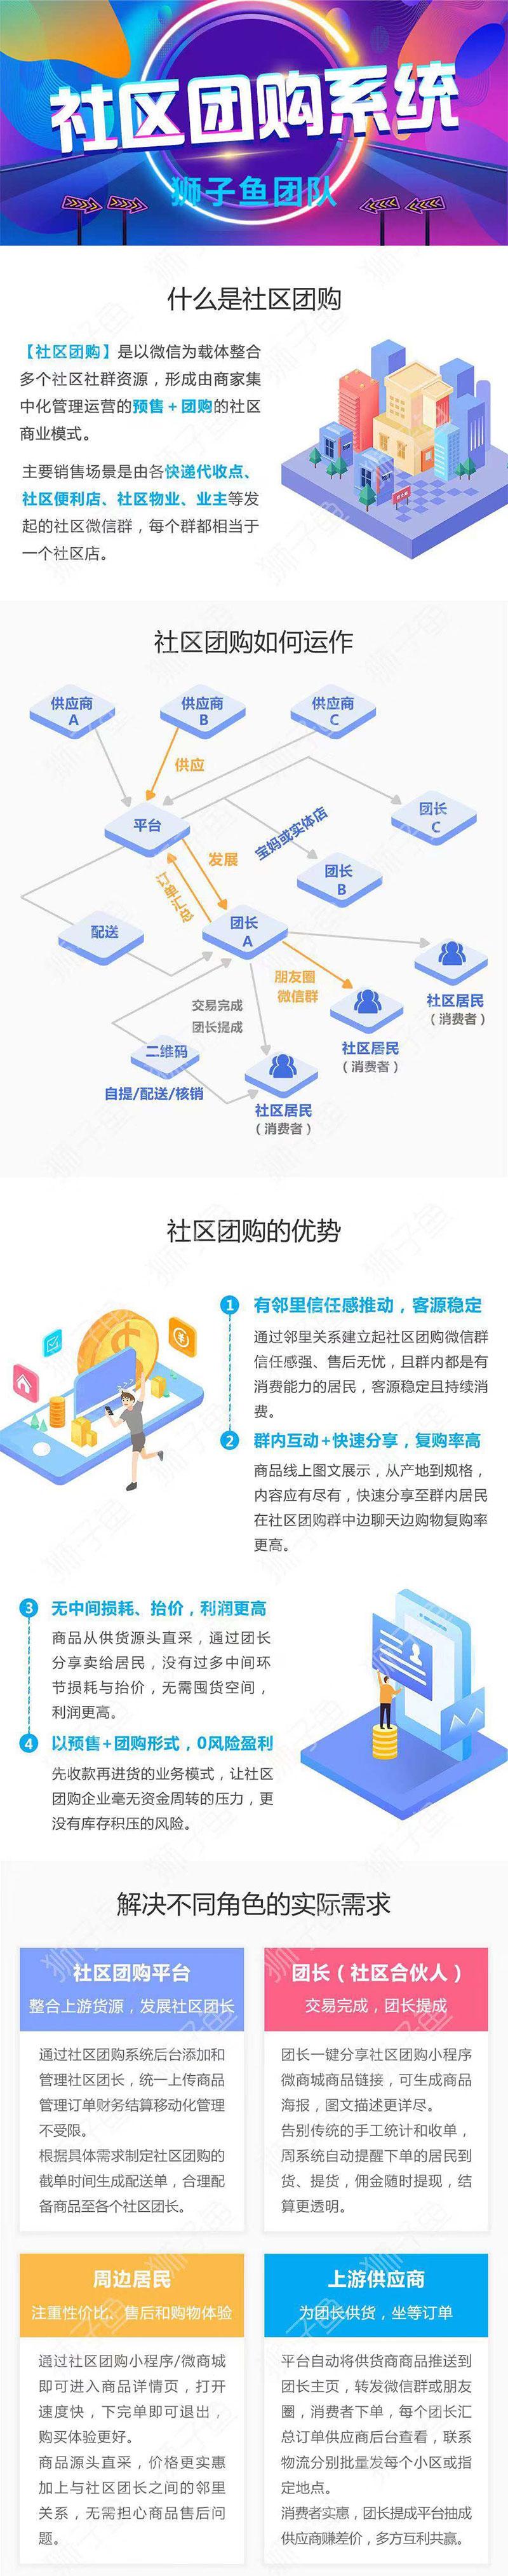 狮子鱼社区团购小程序V5.5.0 原版